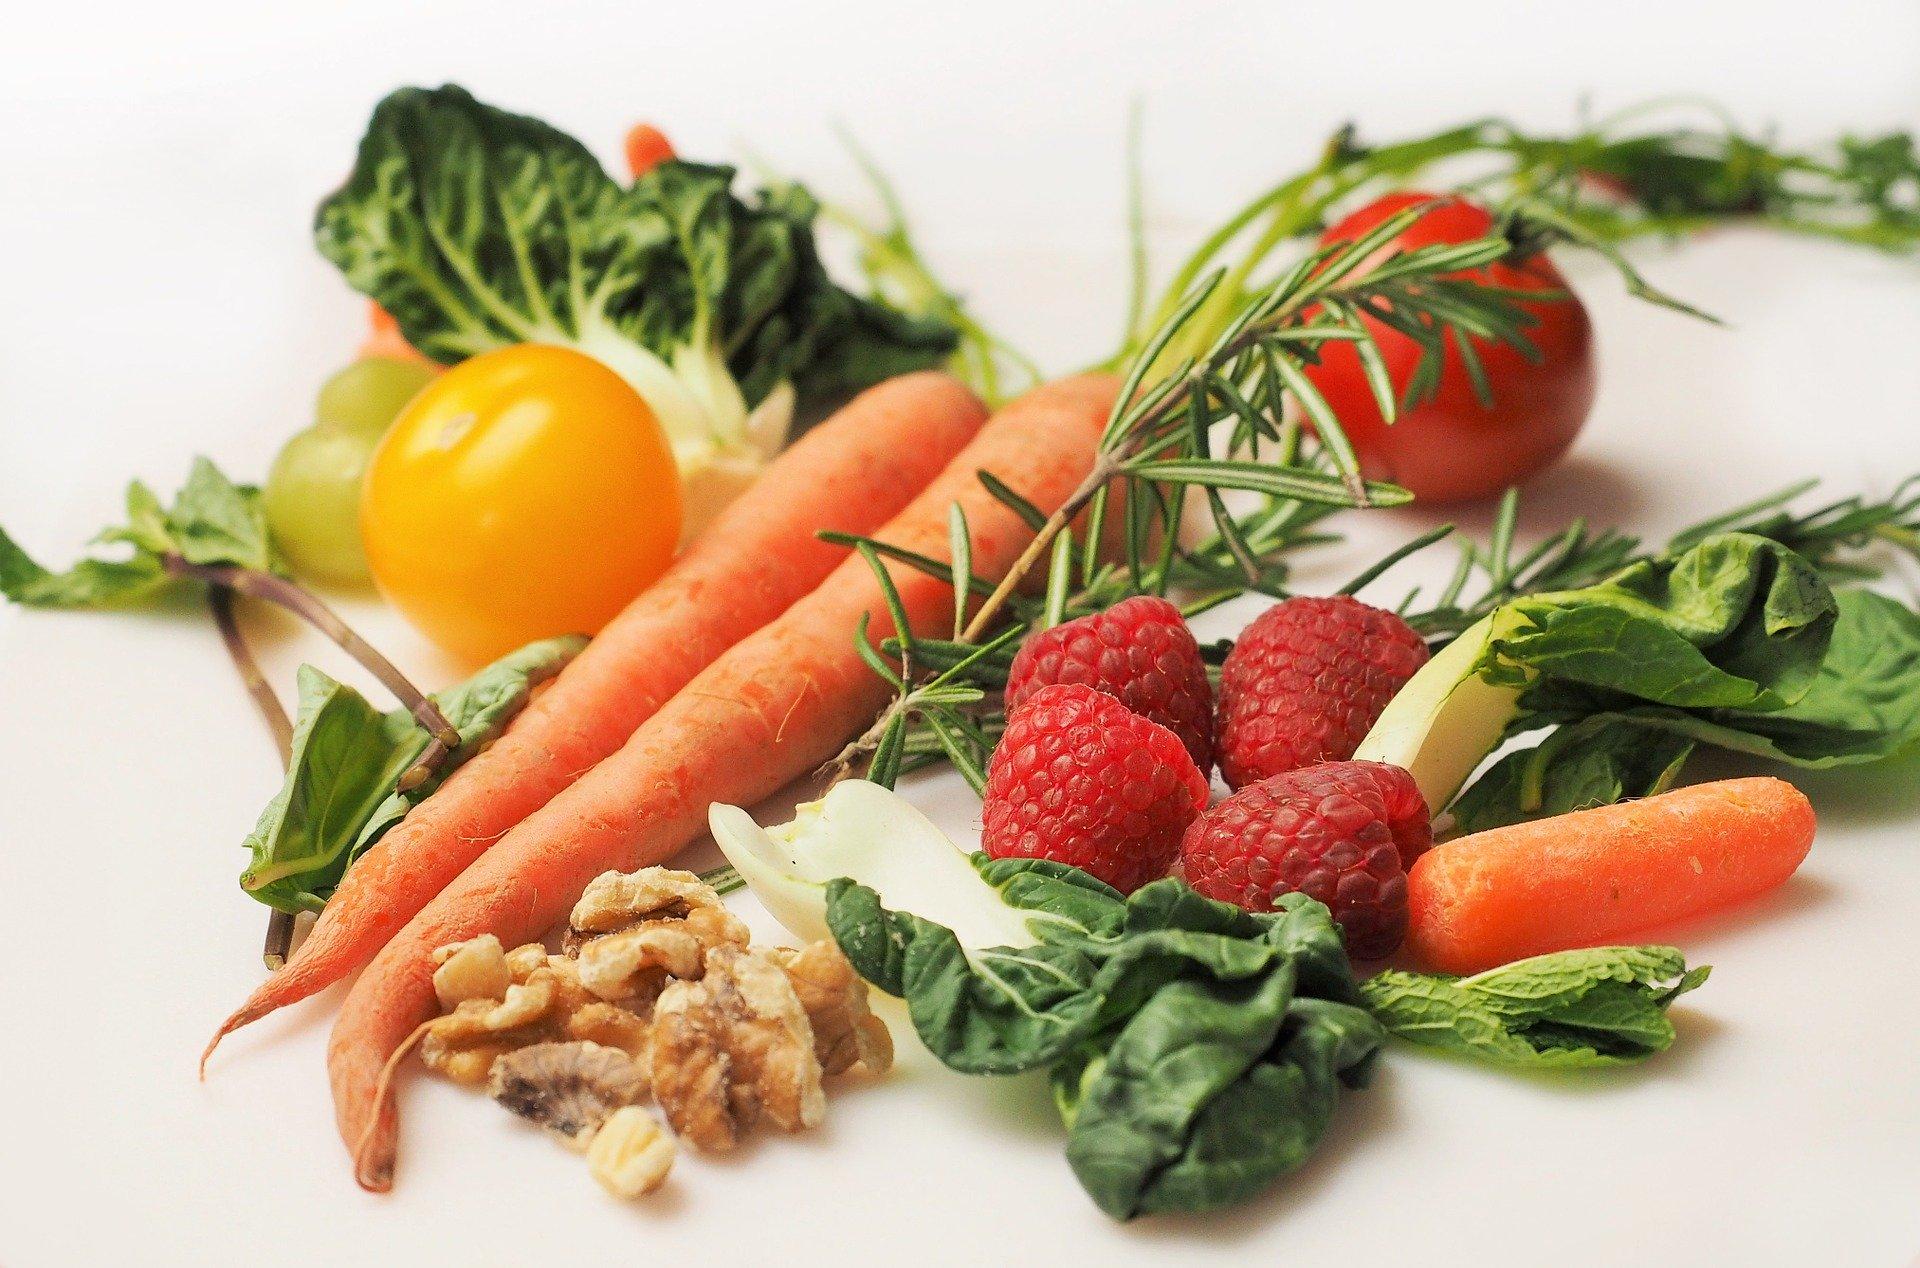 《野菜をMotto!!》はどのポイントサイトがお得?最高還元率の推移も分かる!